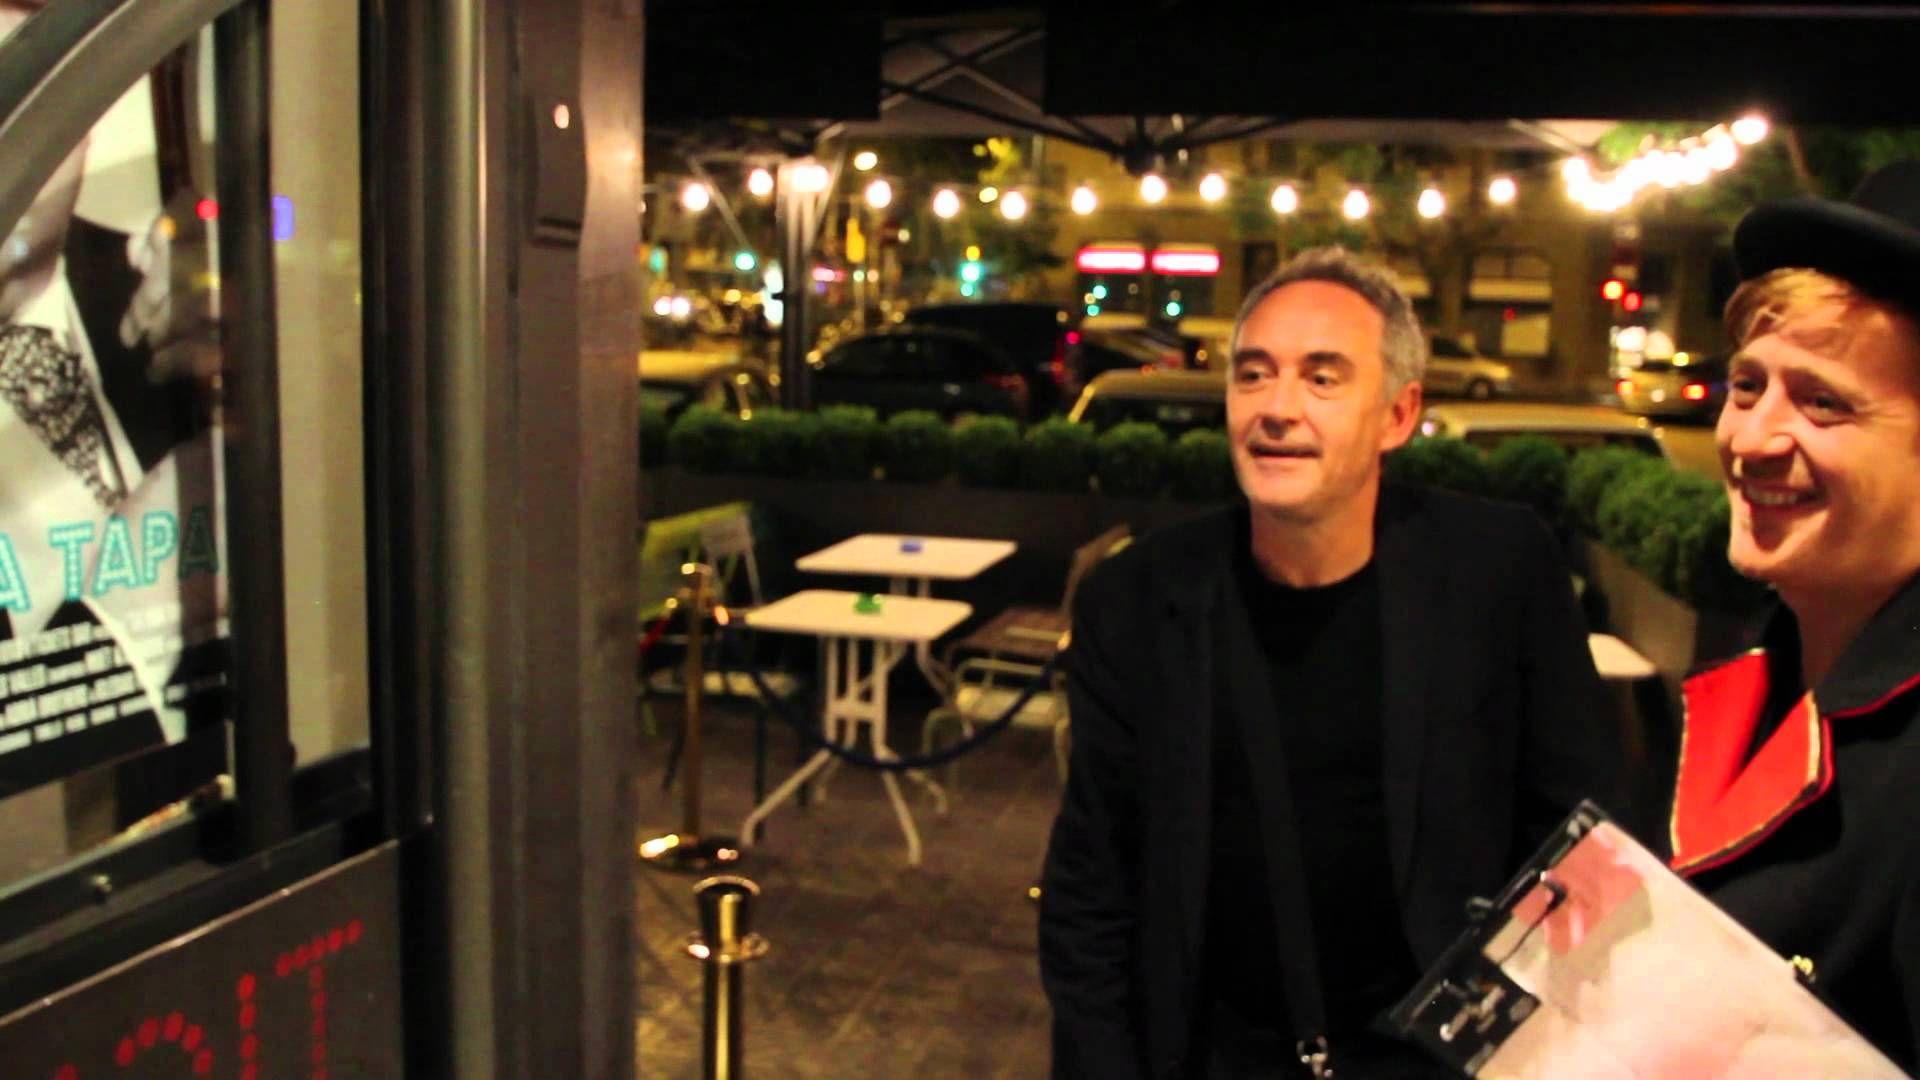 Vídeo Tickets Bar - Barcelona - Capítulo 4 / Chapter 4